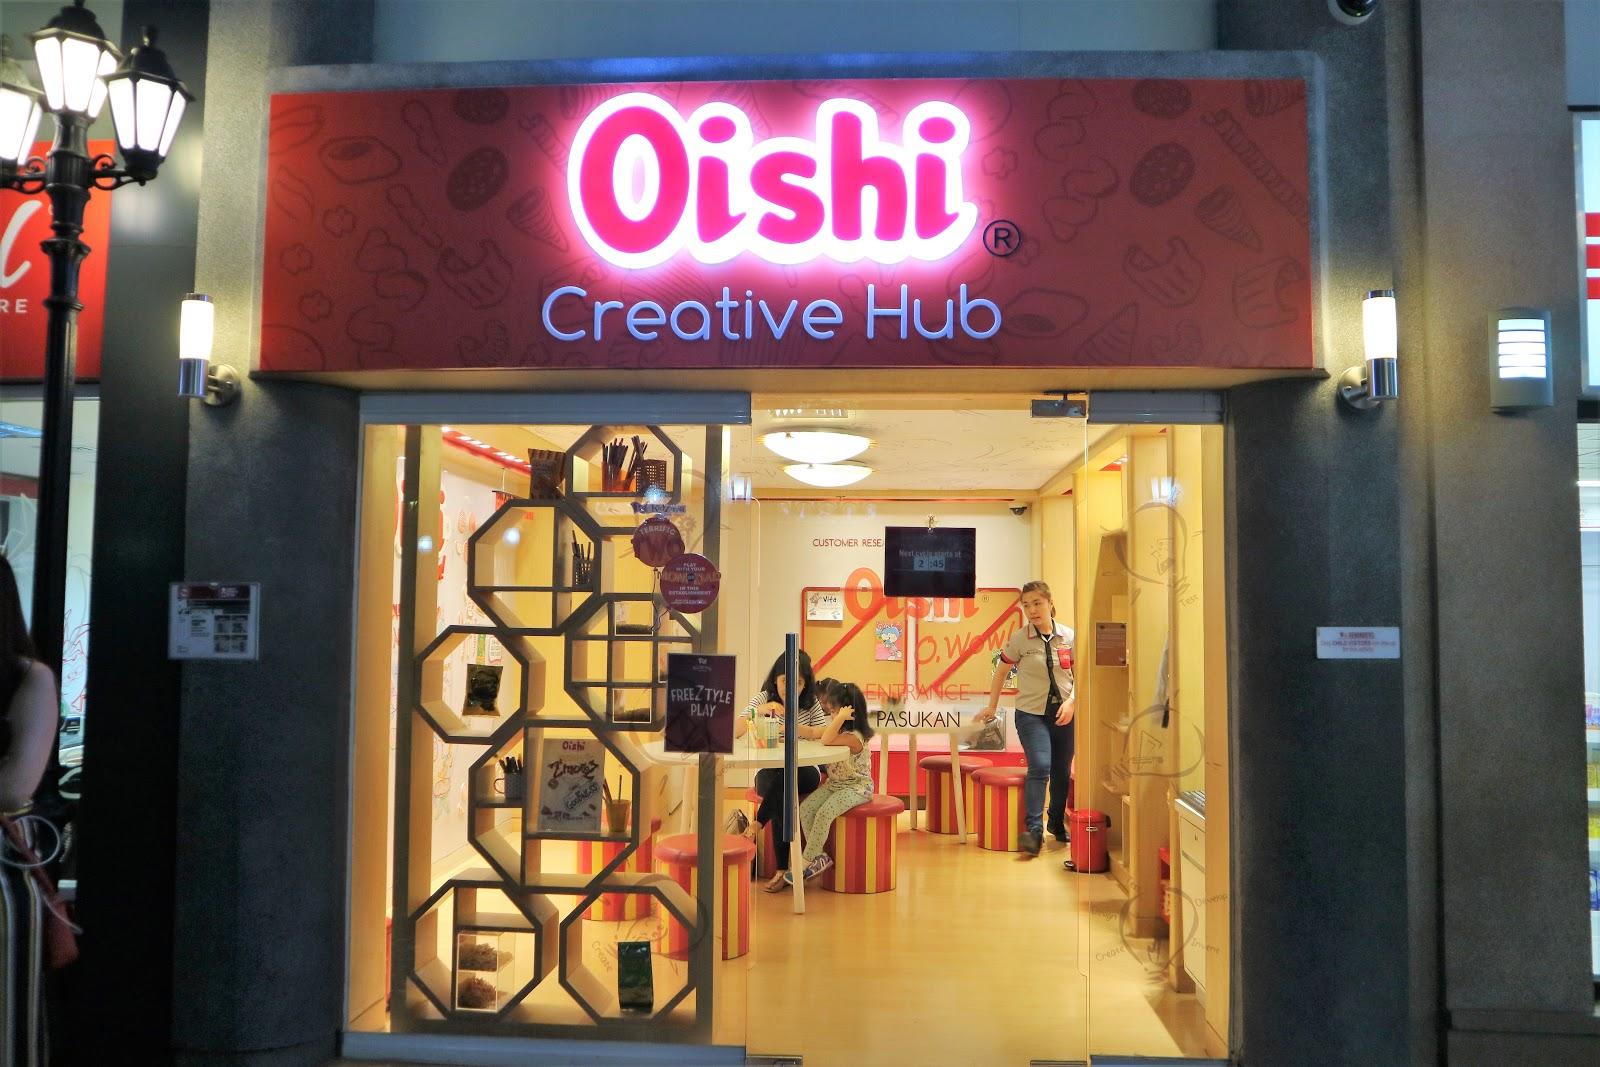 Oishi Creative Hub